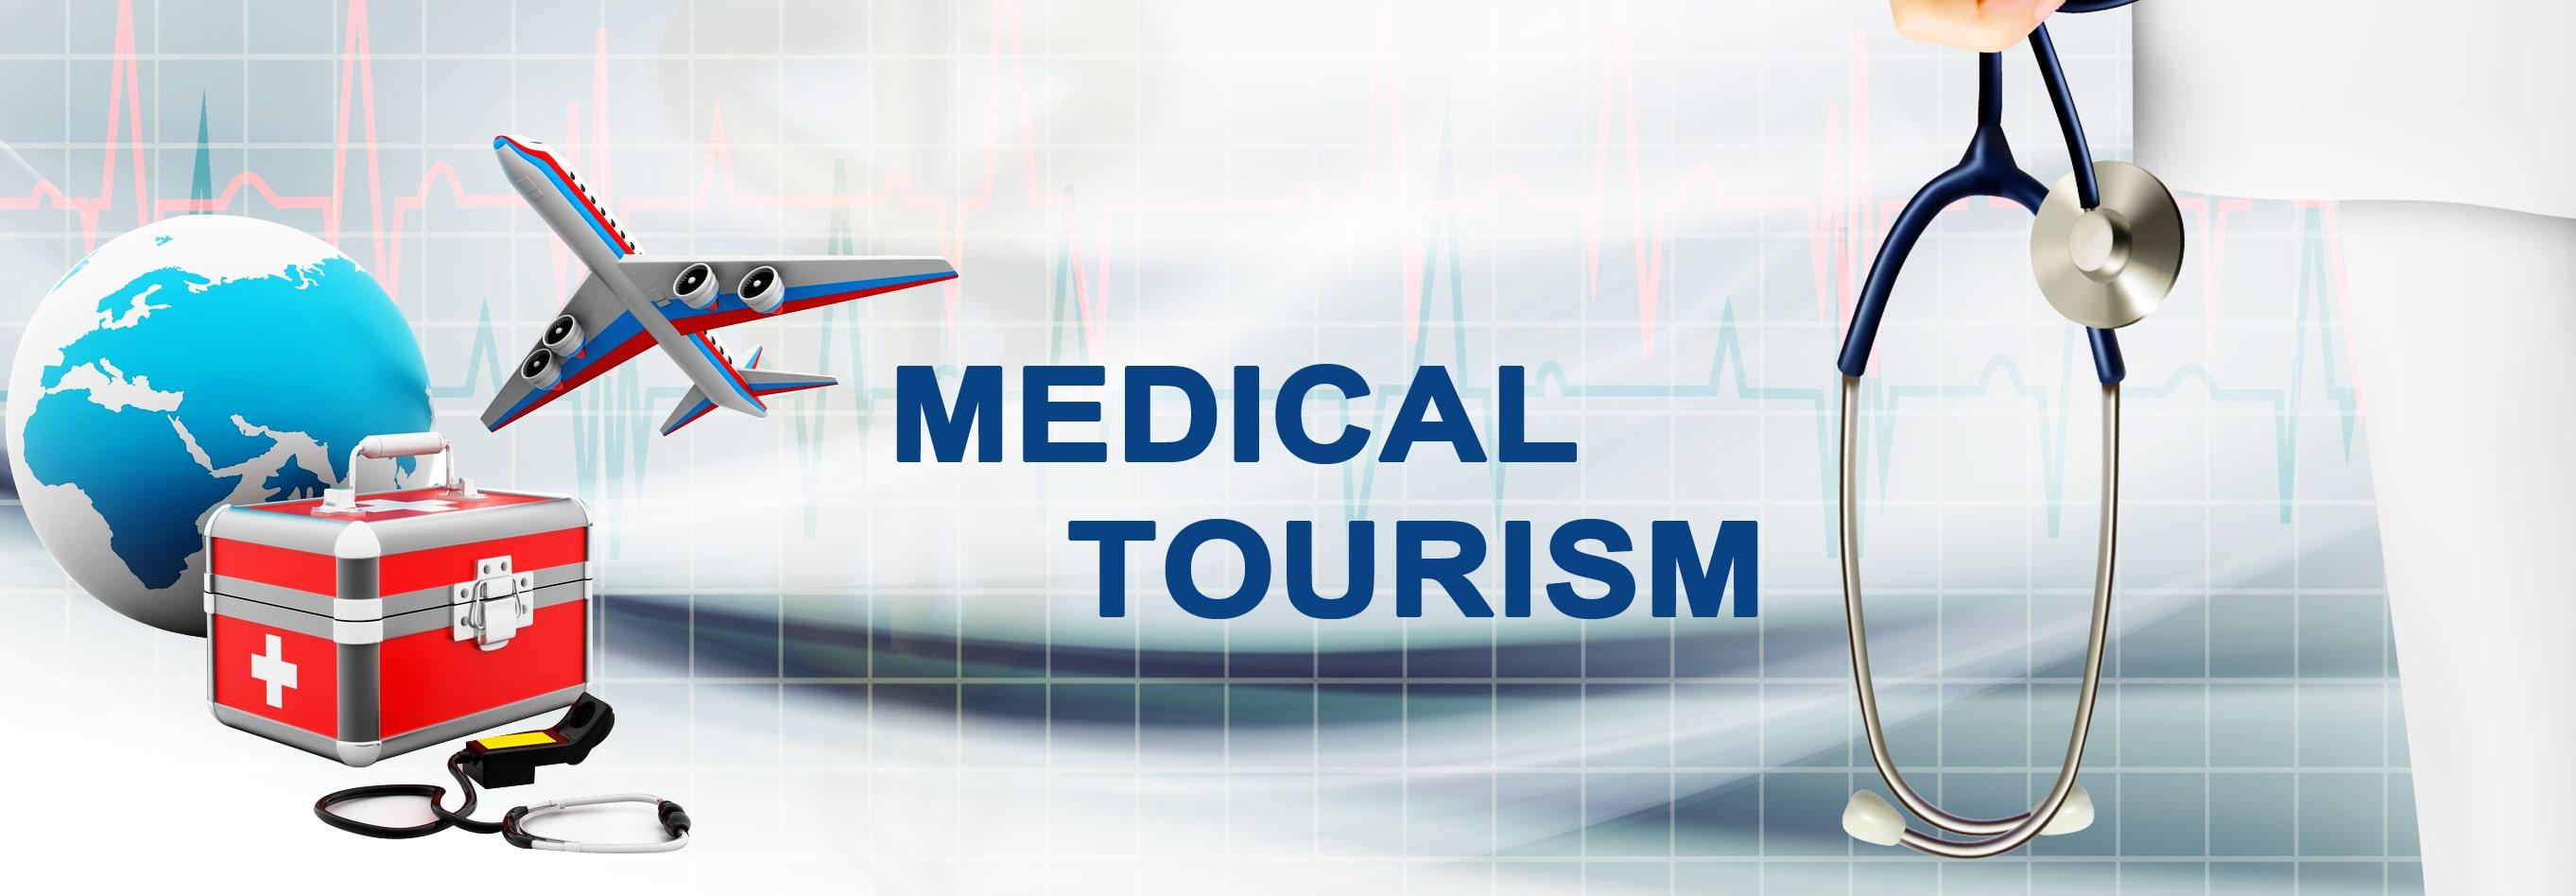 medical tourism website designer Delhi